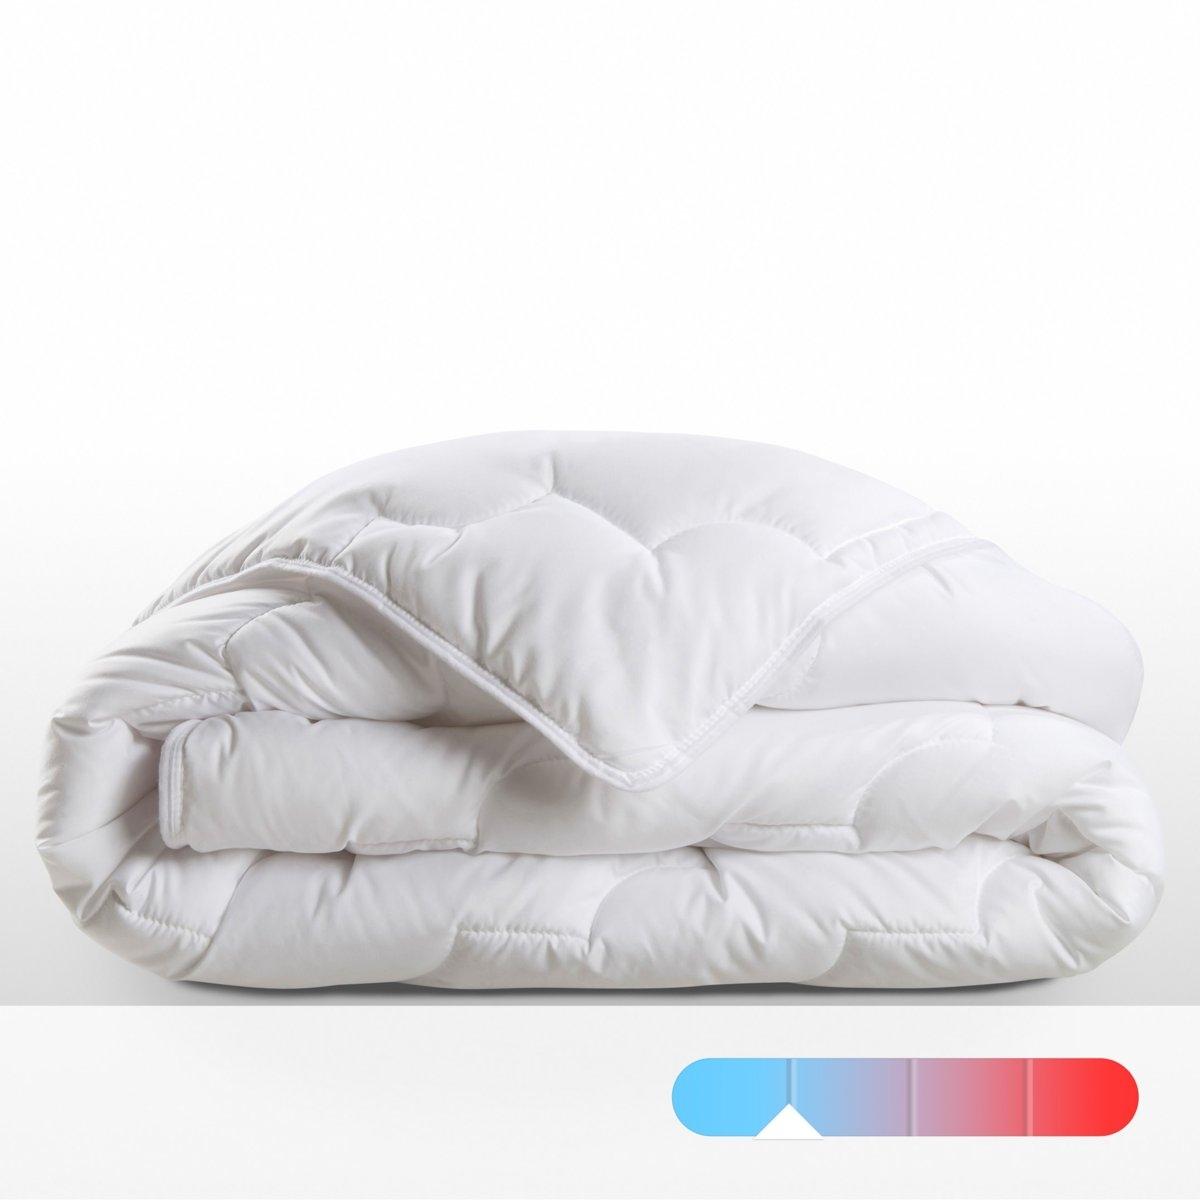 Одеяло синтетическое ультралегкое от La Redoute